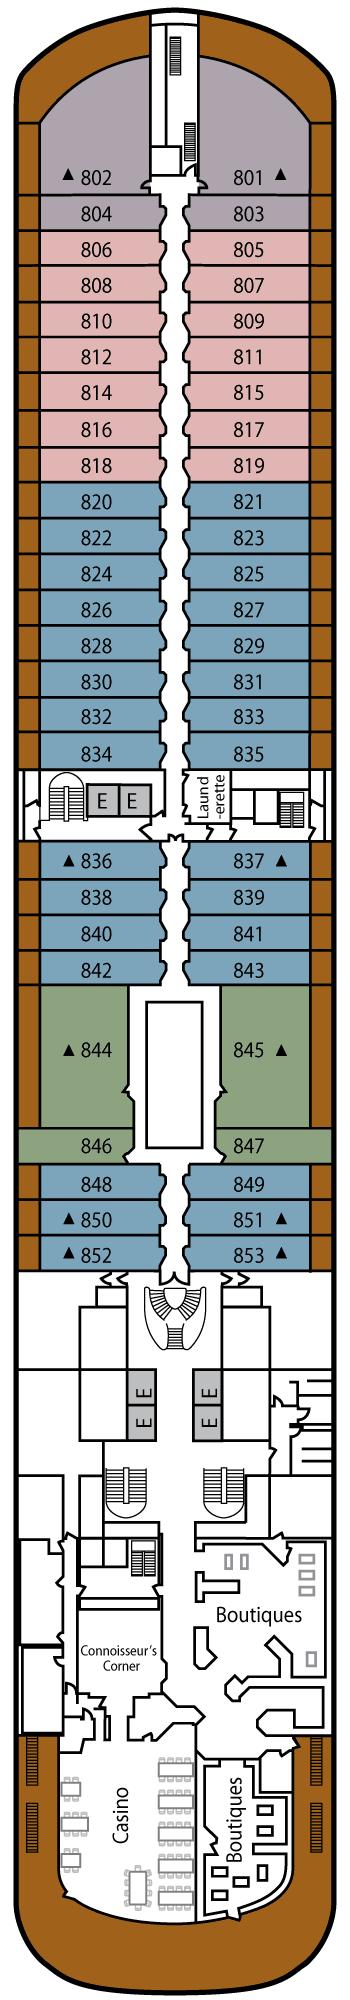 Silver Spirit - Deck 8